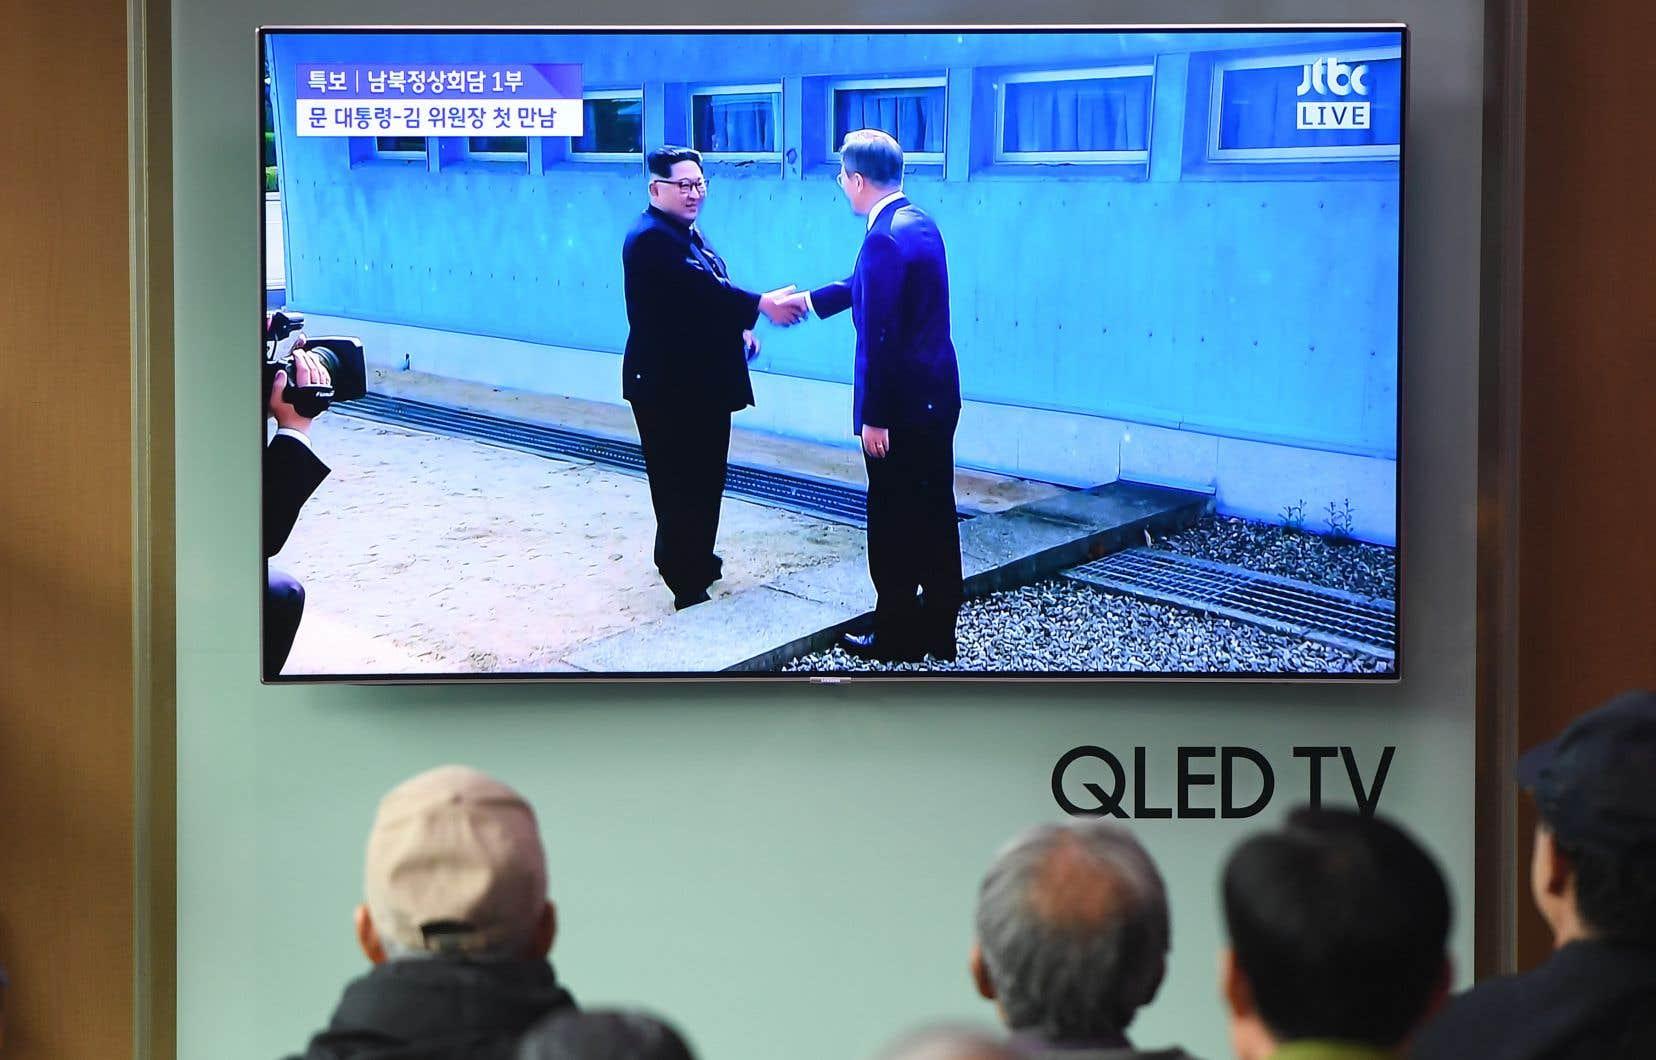 Le leader nord-coréen, Kim Jong-un, et le président de la Corée du Sud,Moon Jae-in, ont échangé une poignée de main lors de leur arrivée en zone démilitarisée, vendredi matin.